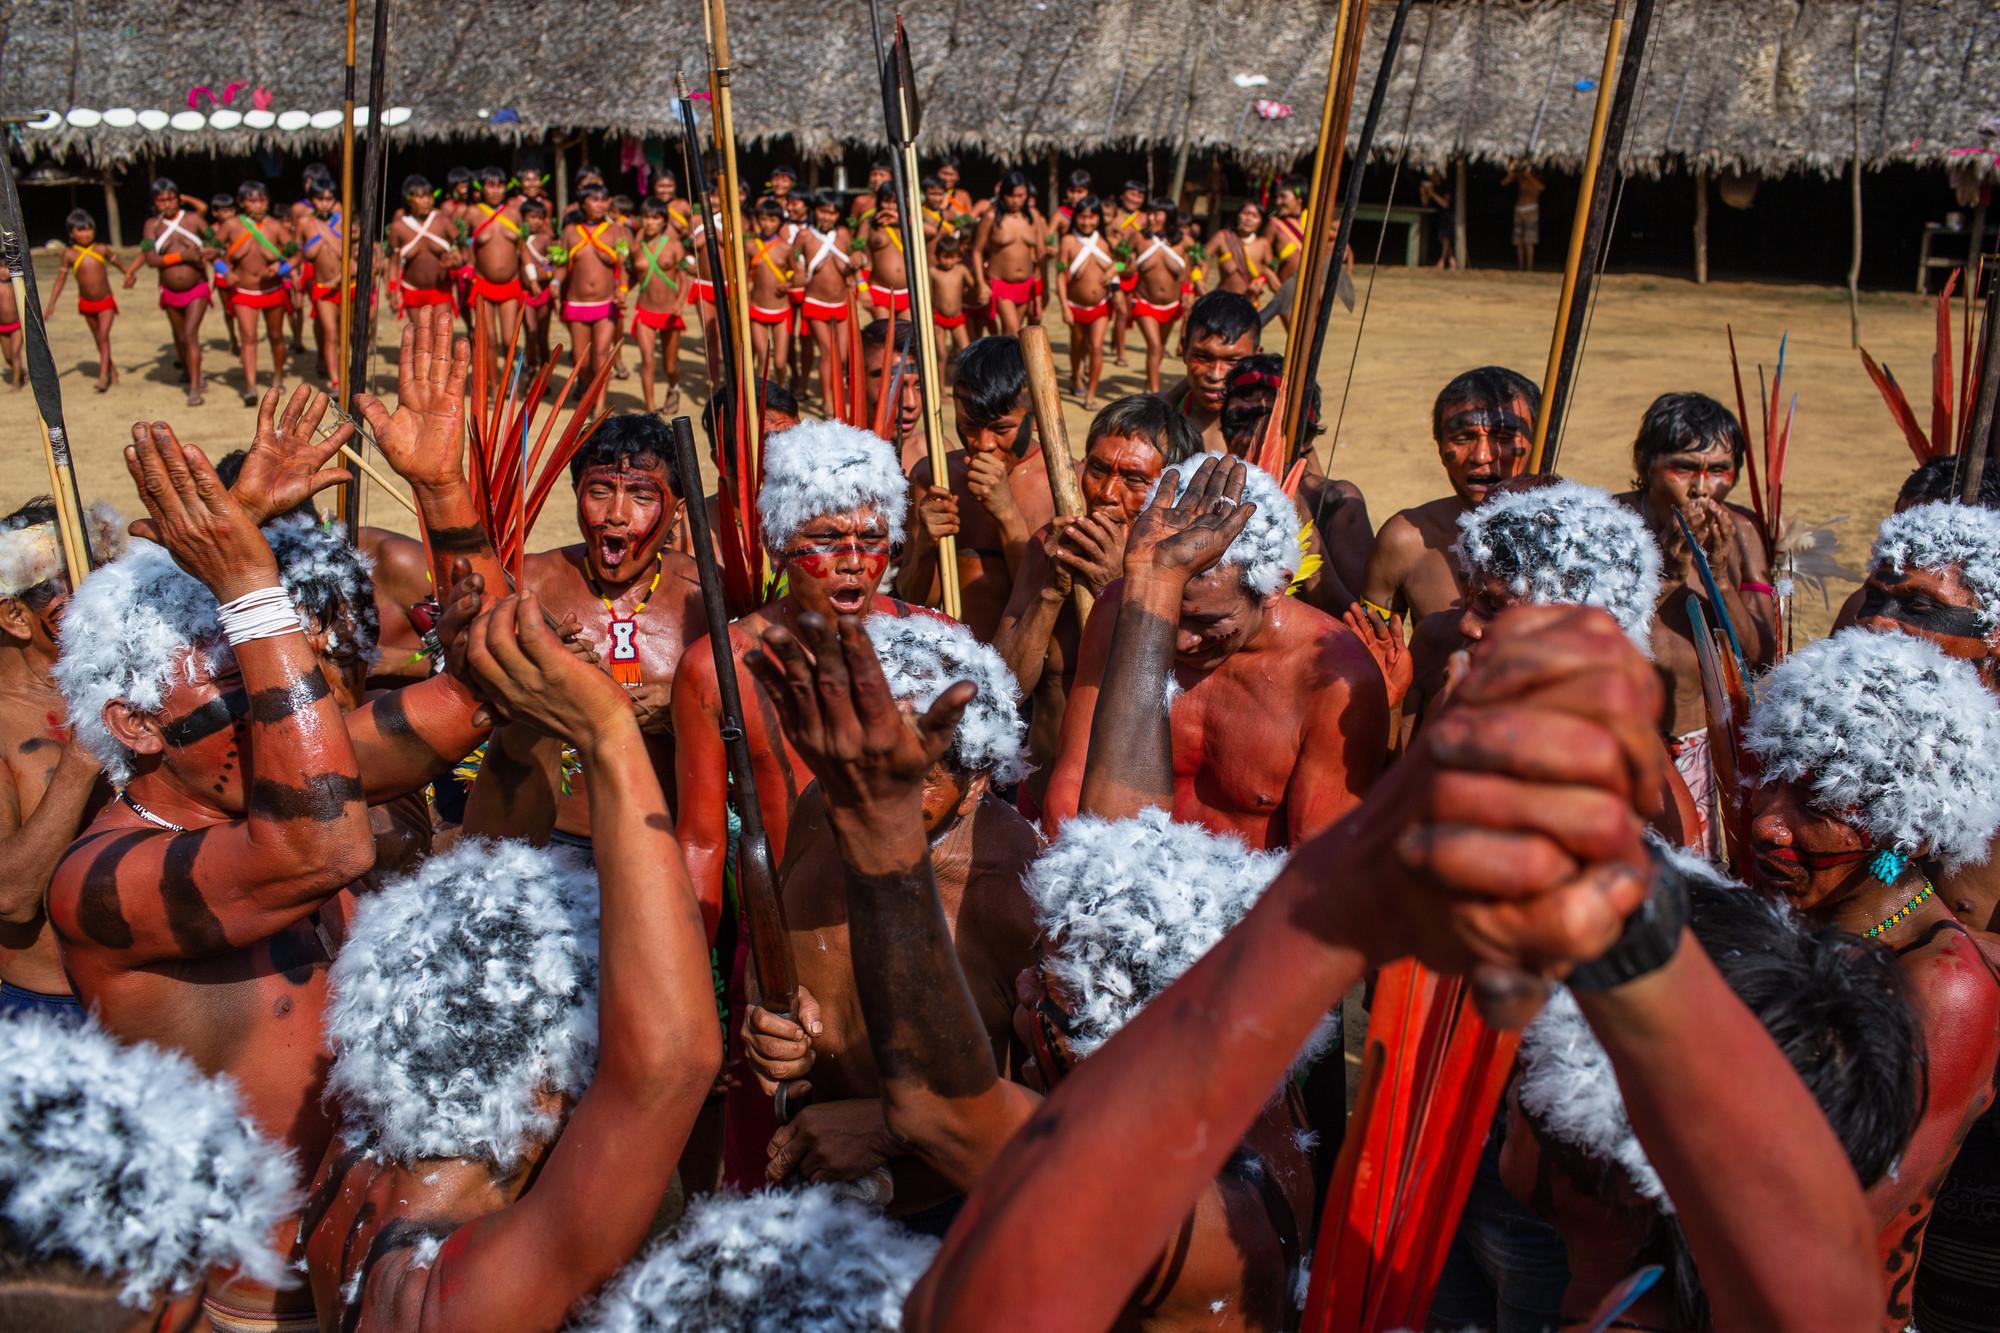 La OMS se muestra «profundamente preocupada» por el impacto del virus en los pueblos indígenas de América